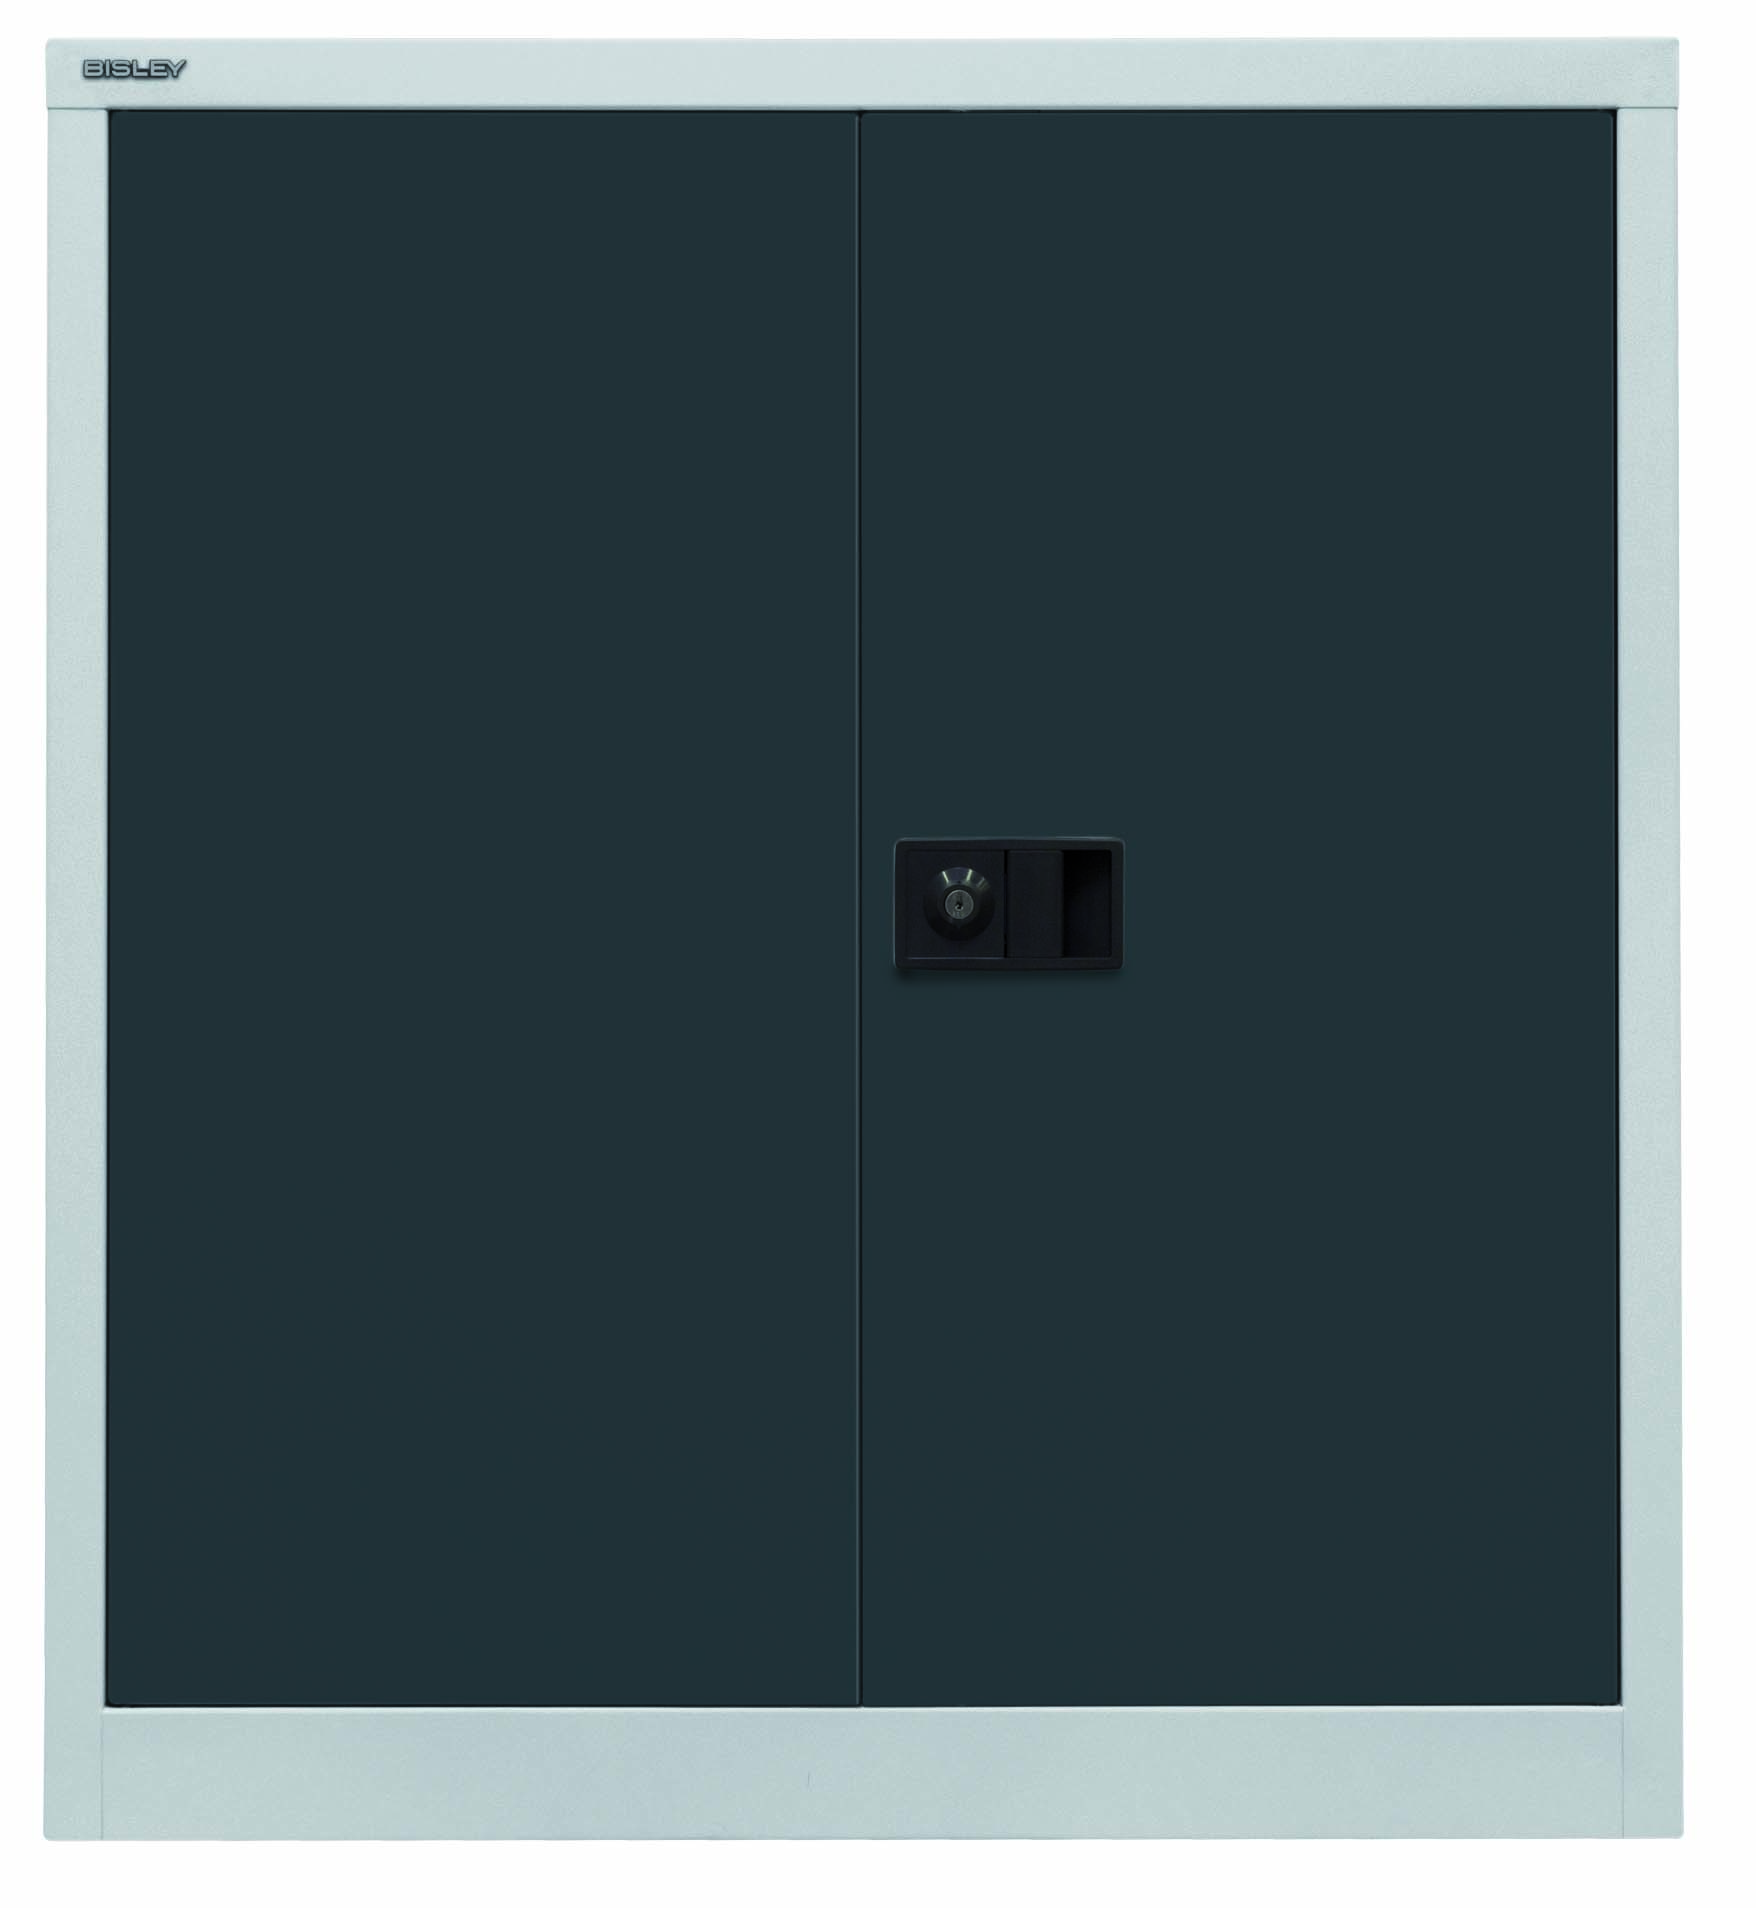 Bisley Flügeltürenschrank Universal, 1 Fachboden, 2 OH, Farbe Korpus lichtgrau, Türen anthrazitgrau